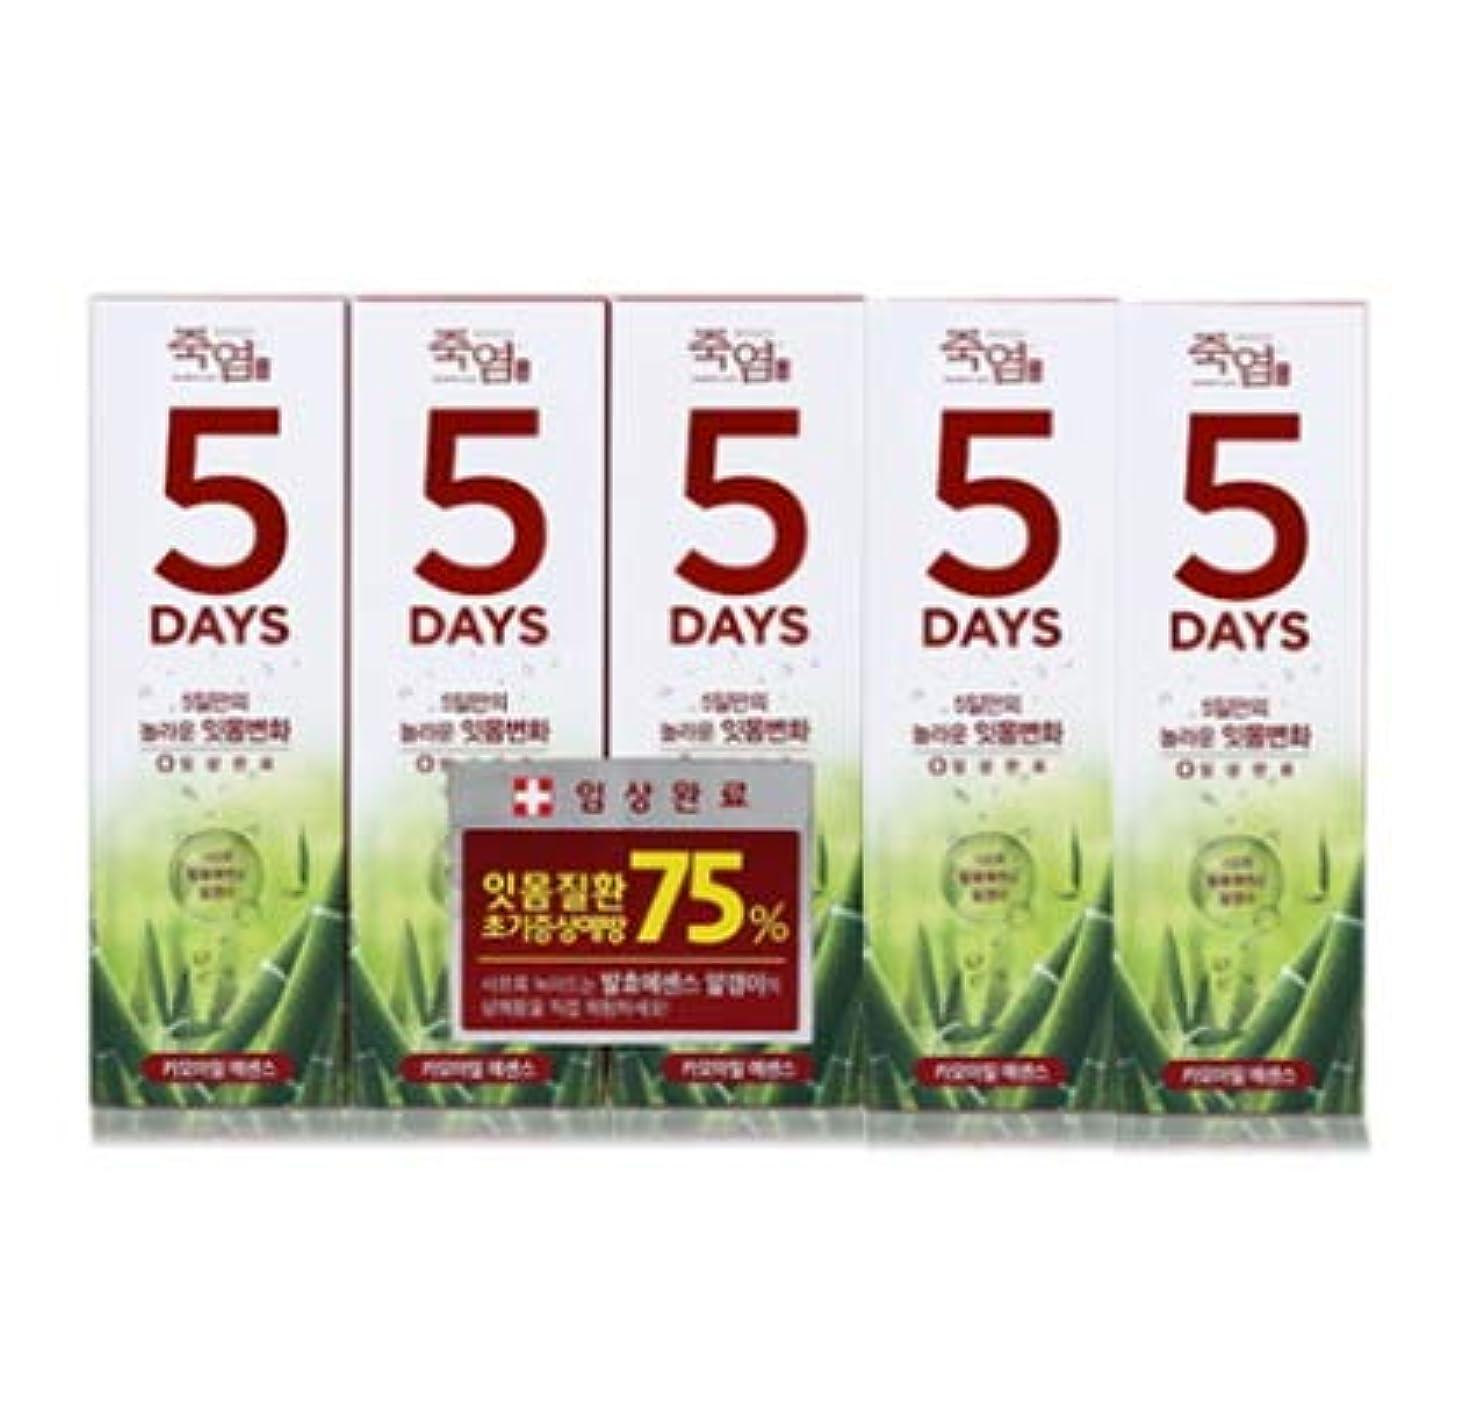 変換ボーダー万歳[LG Care/LG生活健康]竹塩歯磨き粉5daysカモミールエッセンス100g x5ea/歯磨きセットスペシャル?リミテッドToothpaste Set Special Limited Korea(海外直送品)